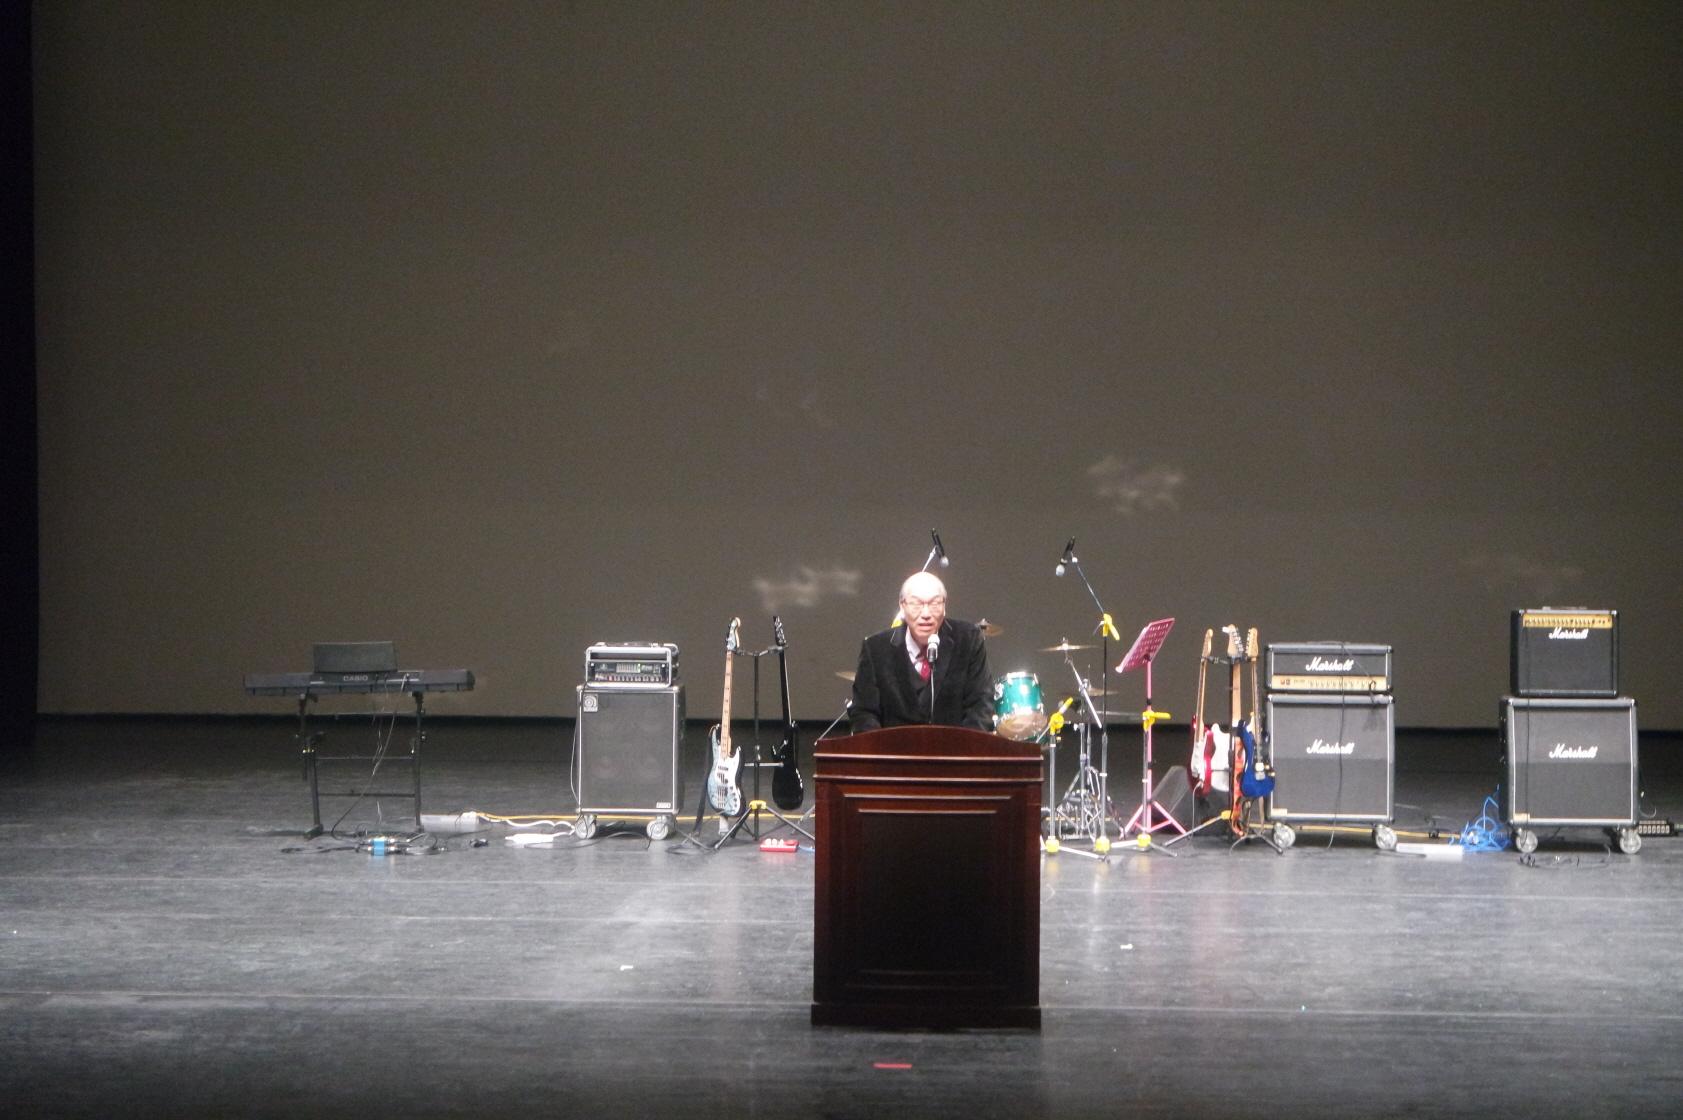 [일반] 2017학년도 제 6회 한빛제의 첨부이미지 1